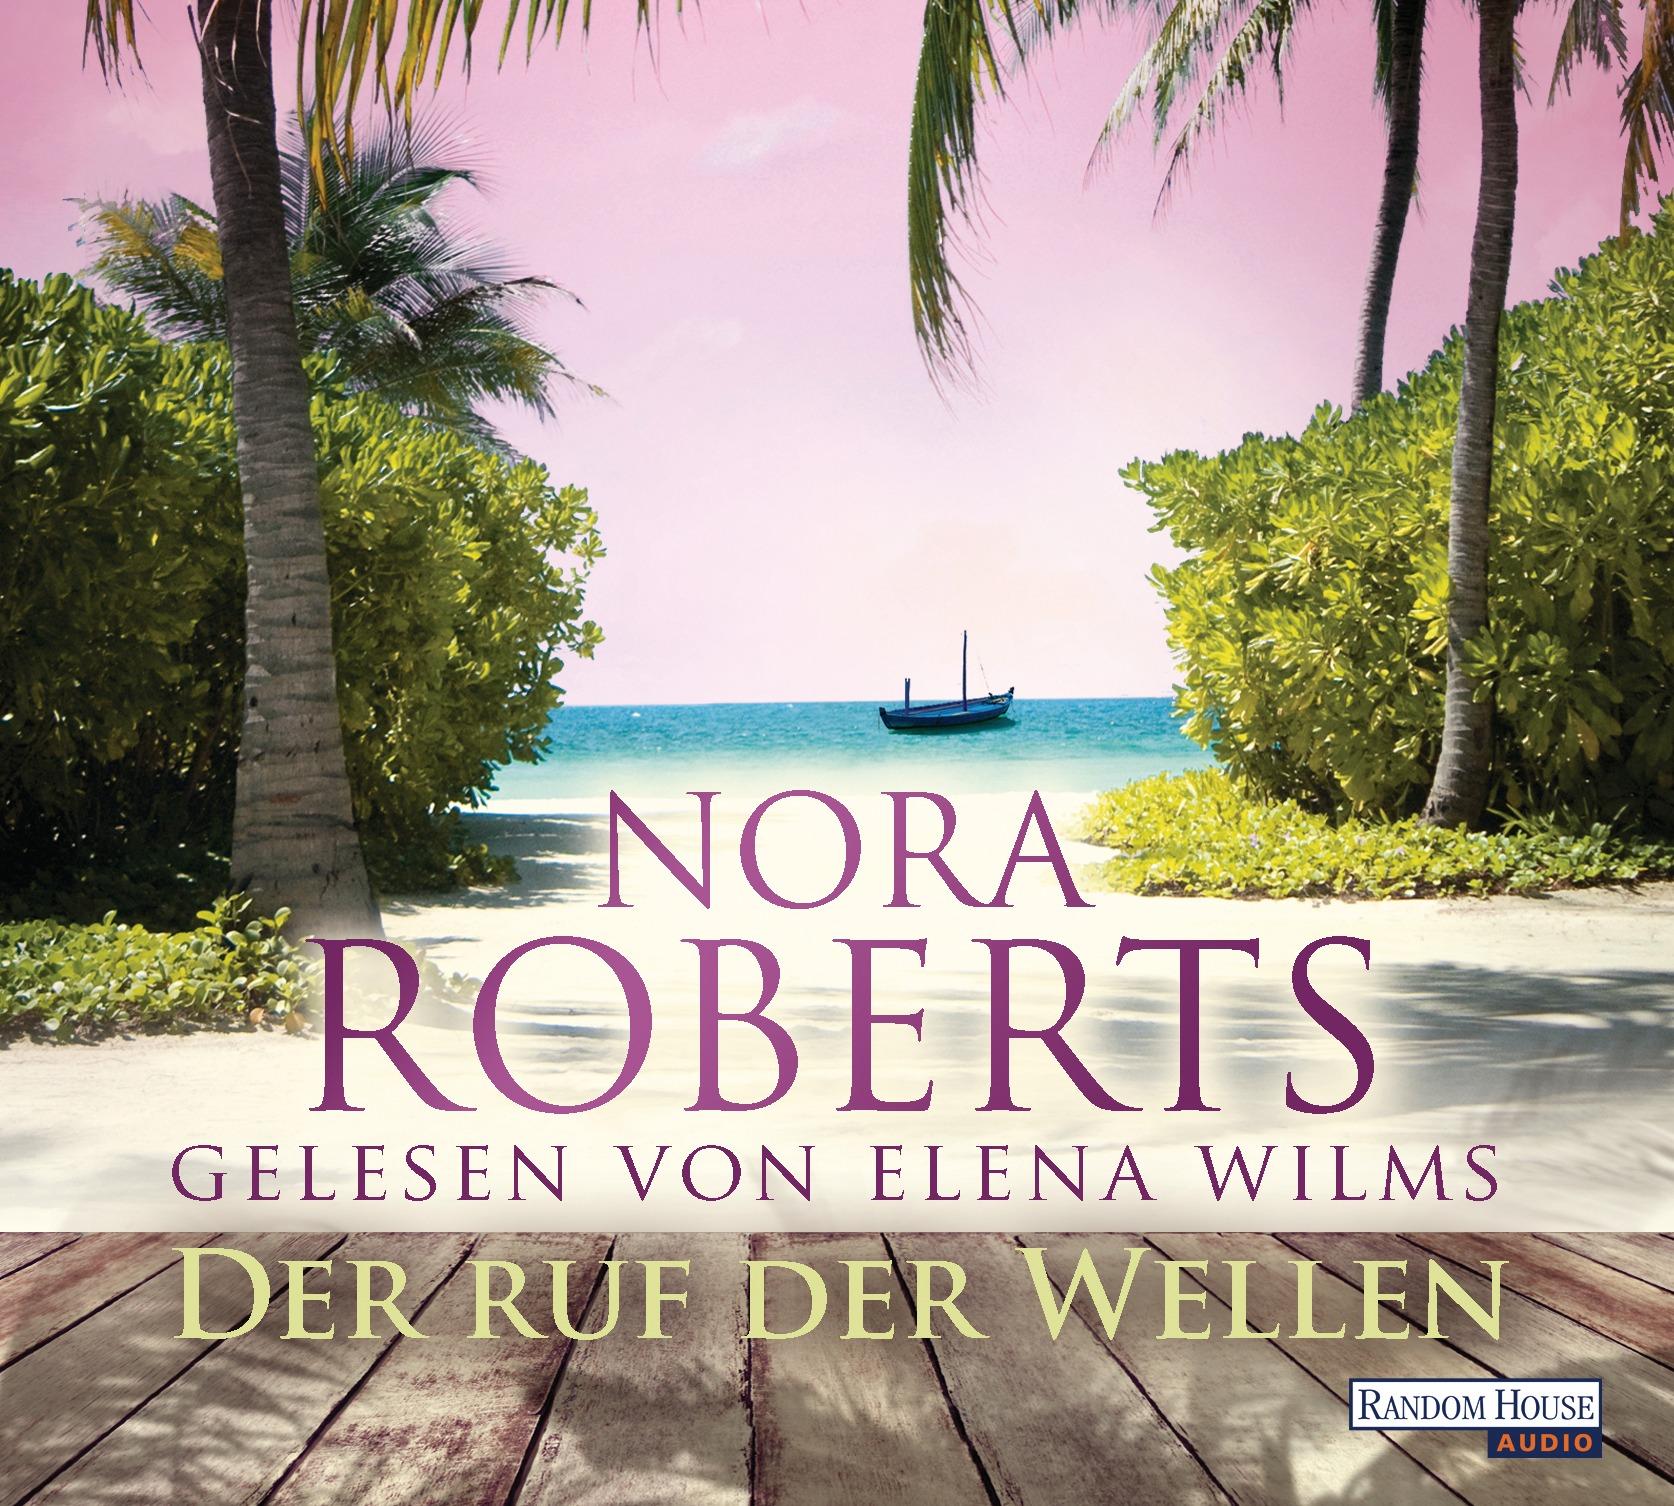 Der Ruf der Wellen von Nora Roberts